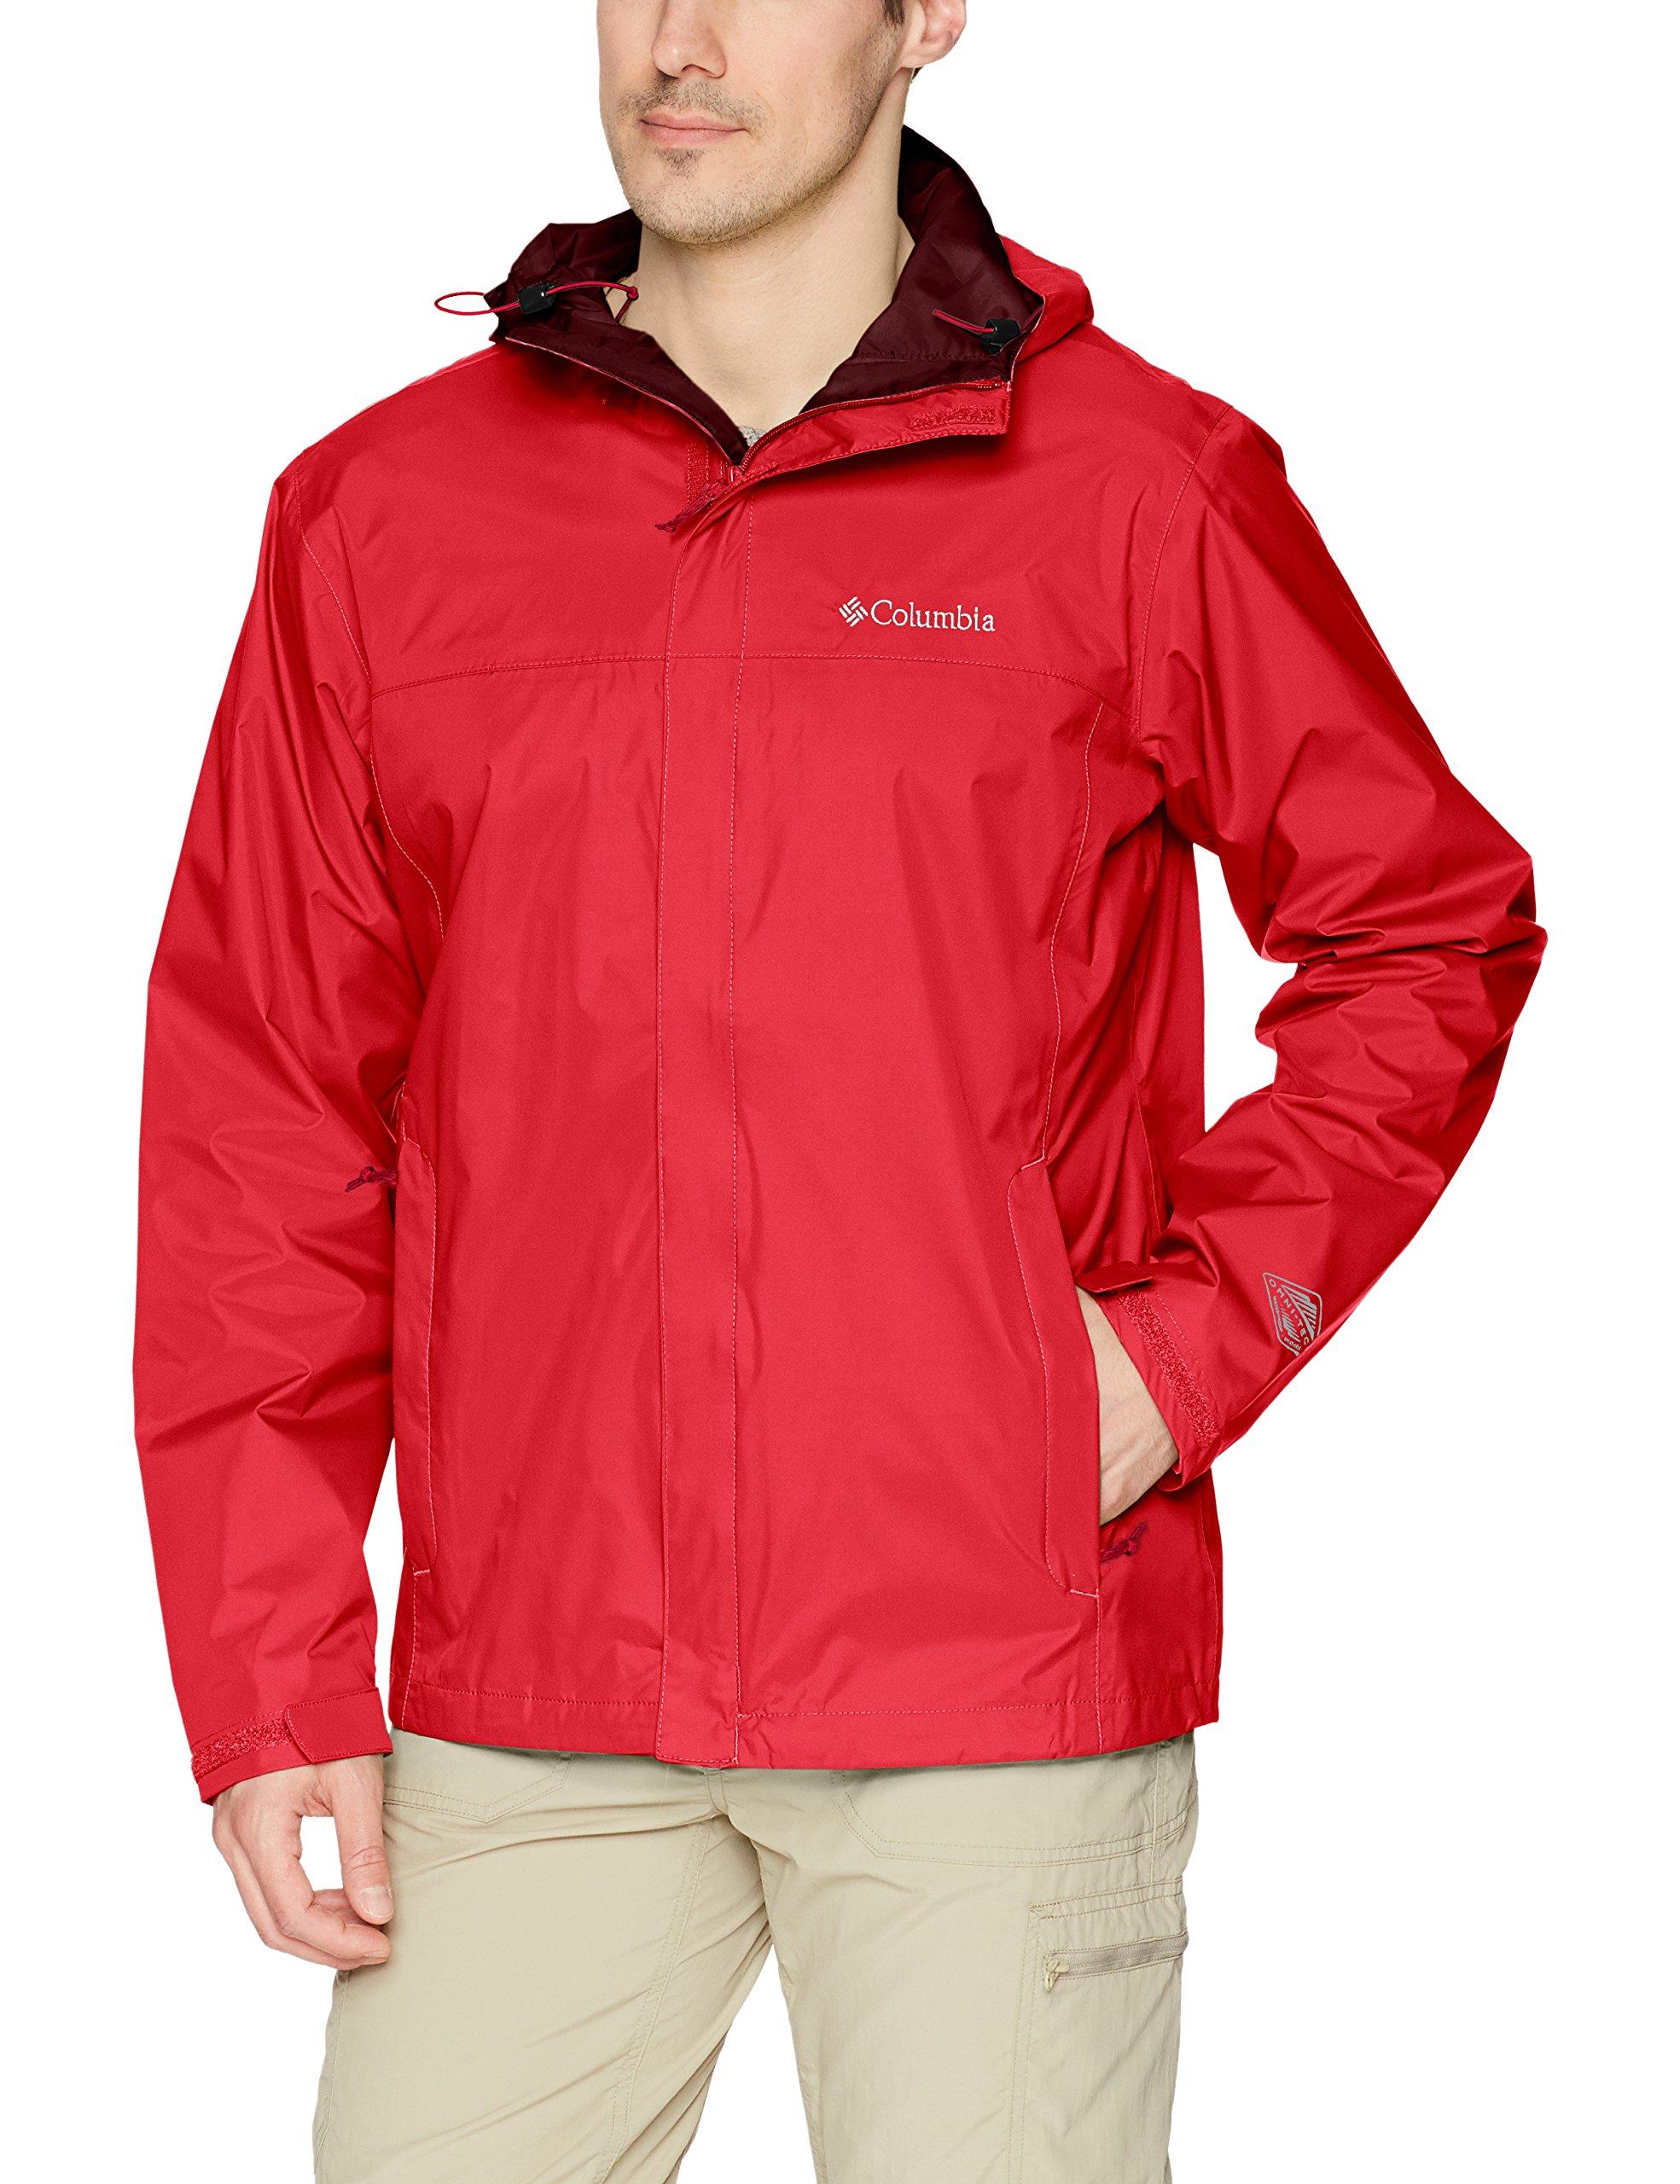 Columbia Men's Watertight Ii Jacket, Red Spark, S